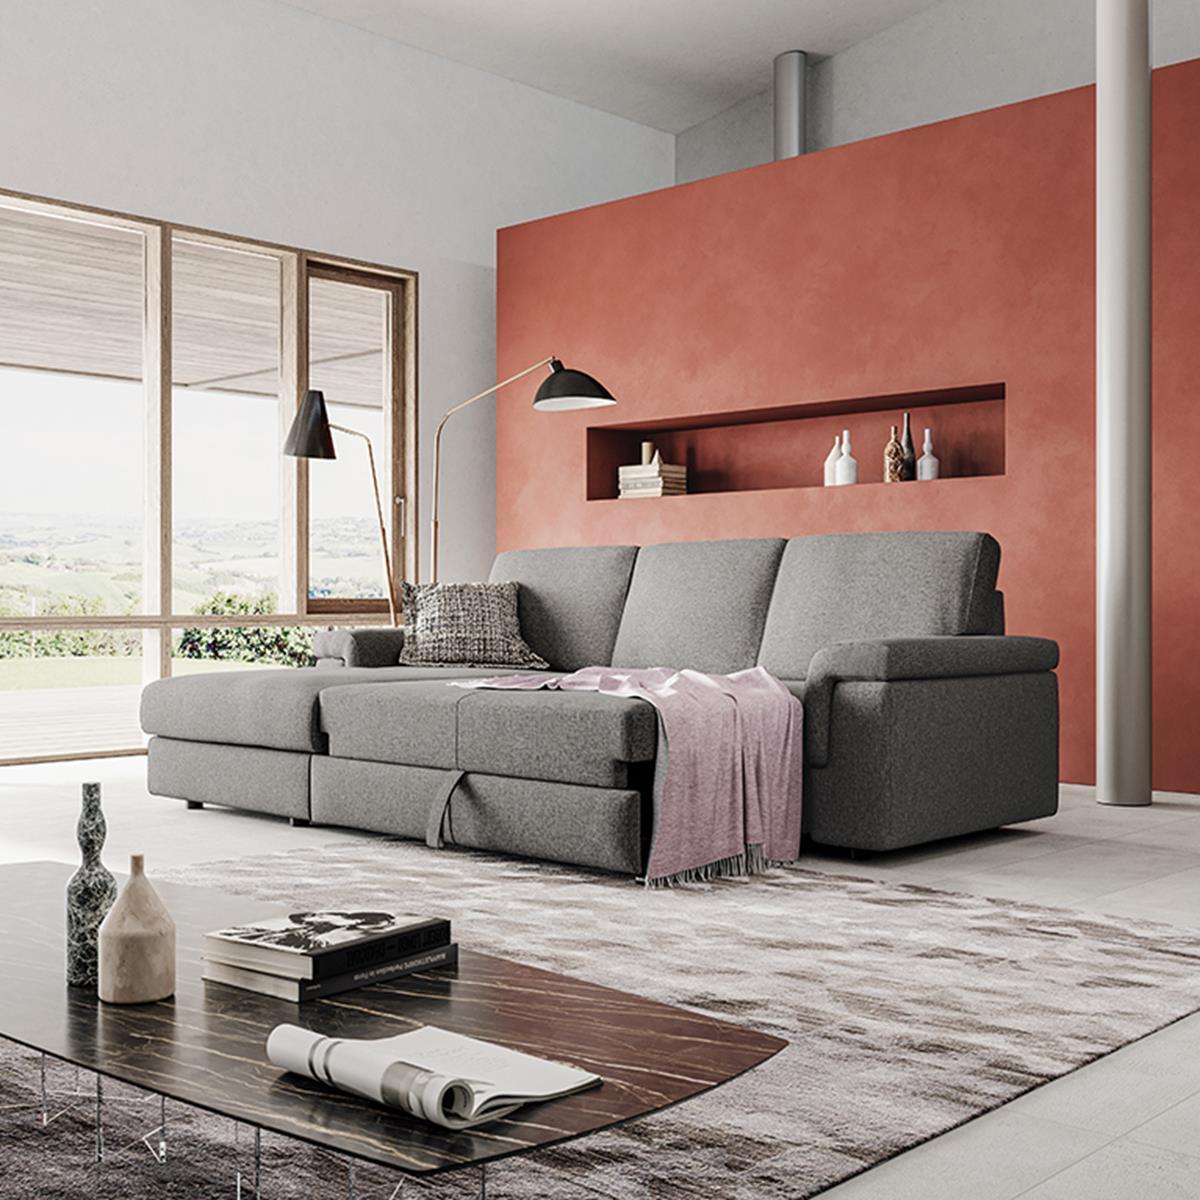 poltronesofa-collezione-divani-letto-16